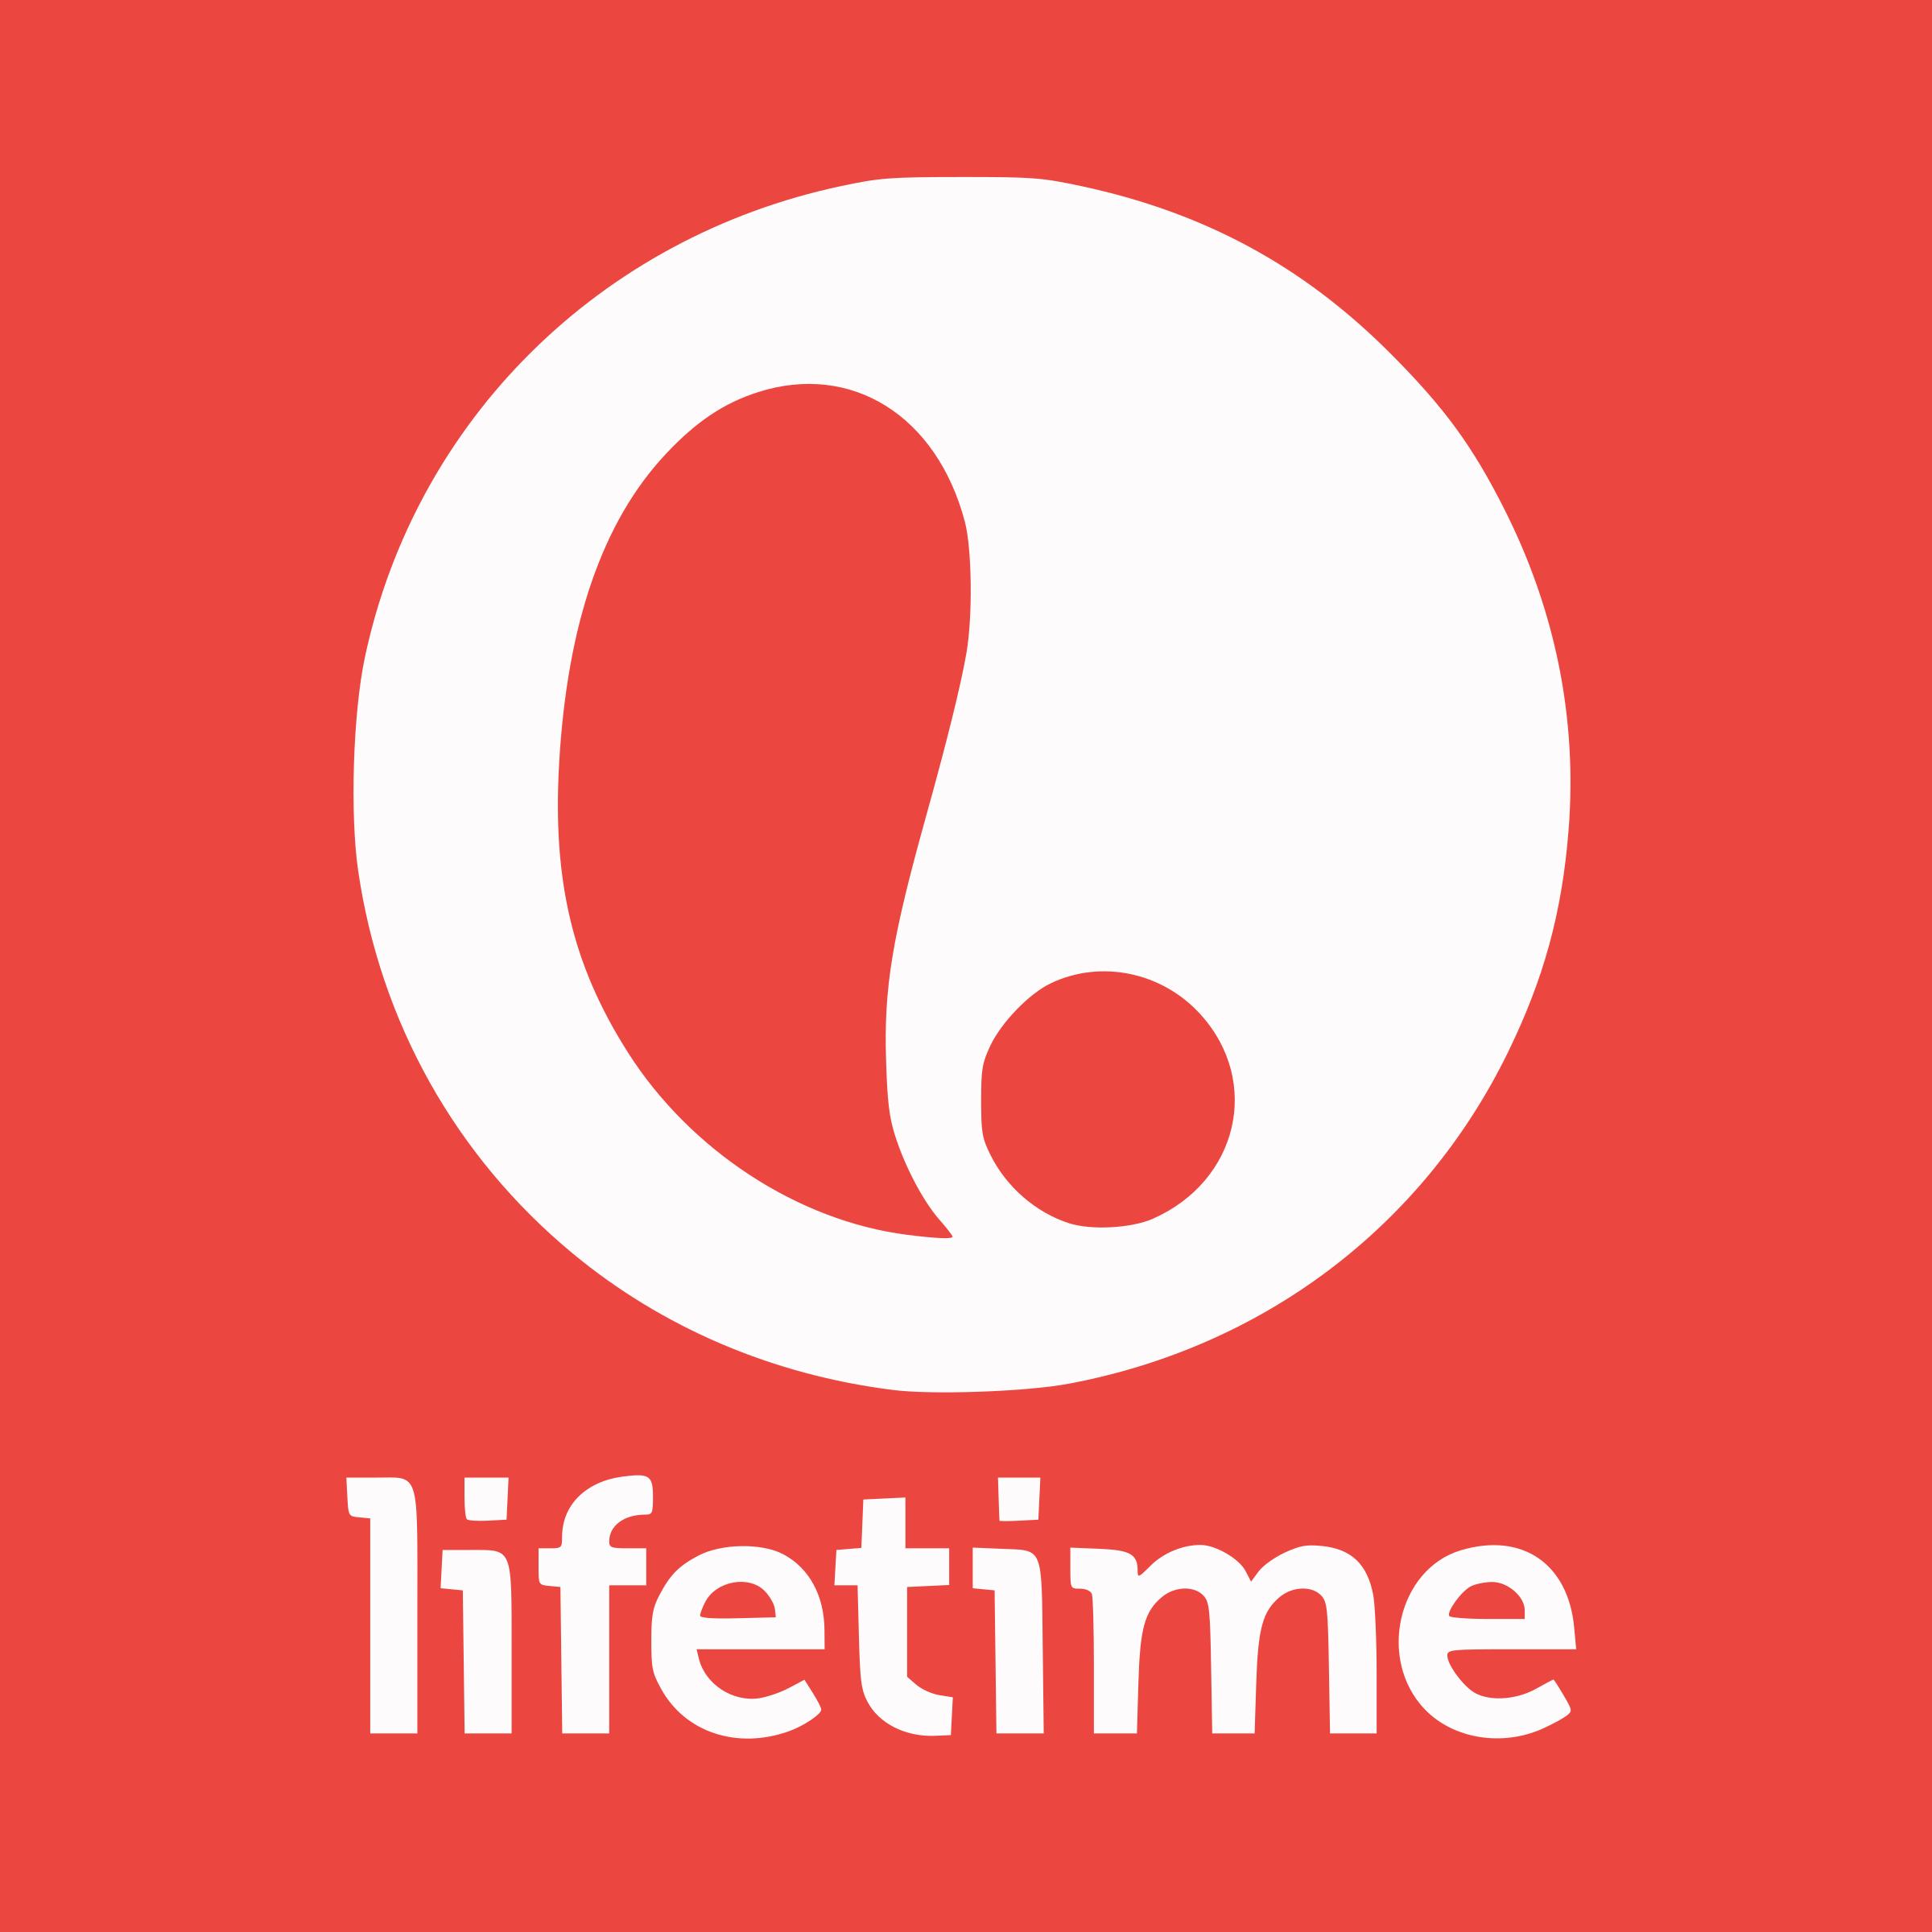 Lifetime Logo PNG Transparent & SVG Vector.